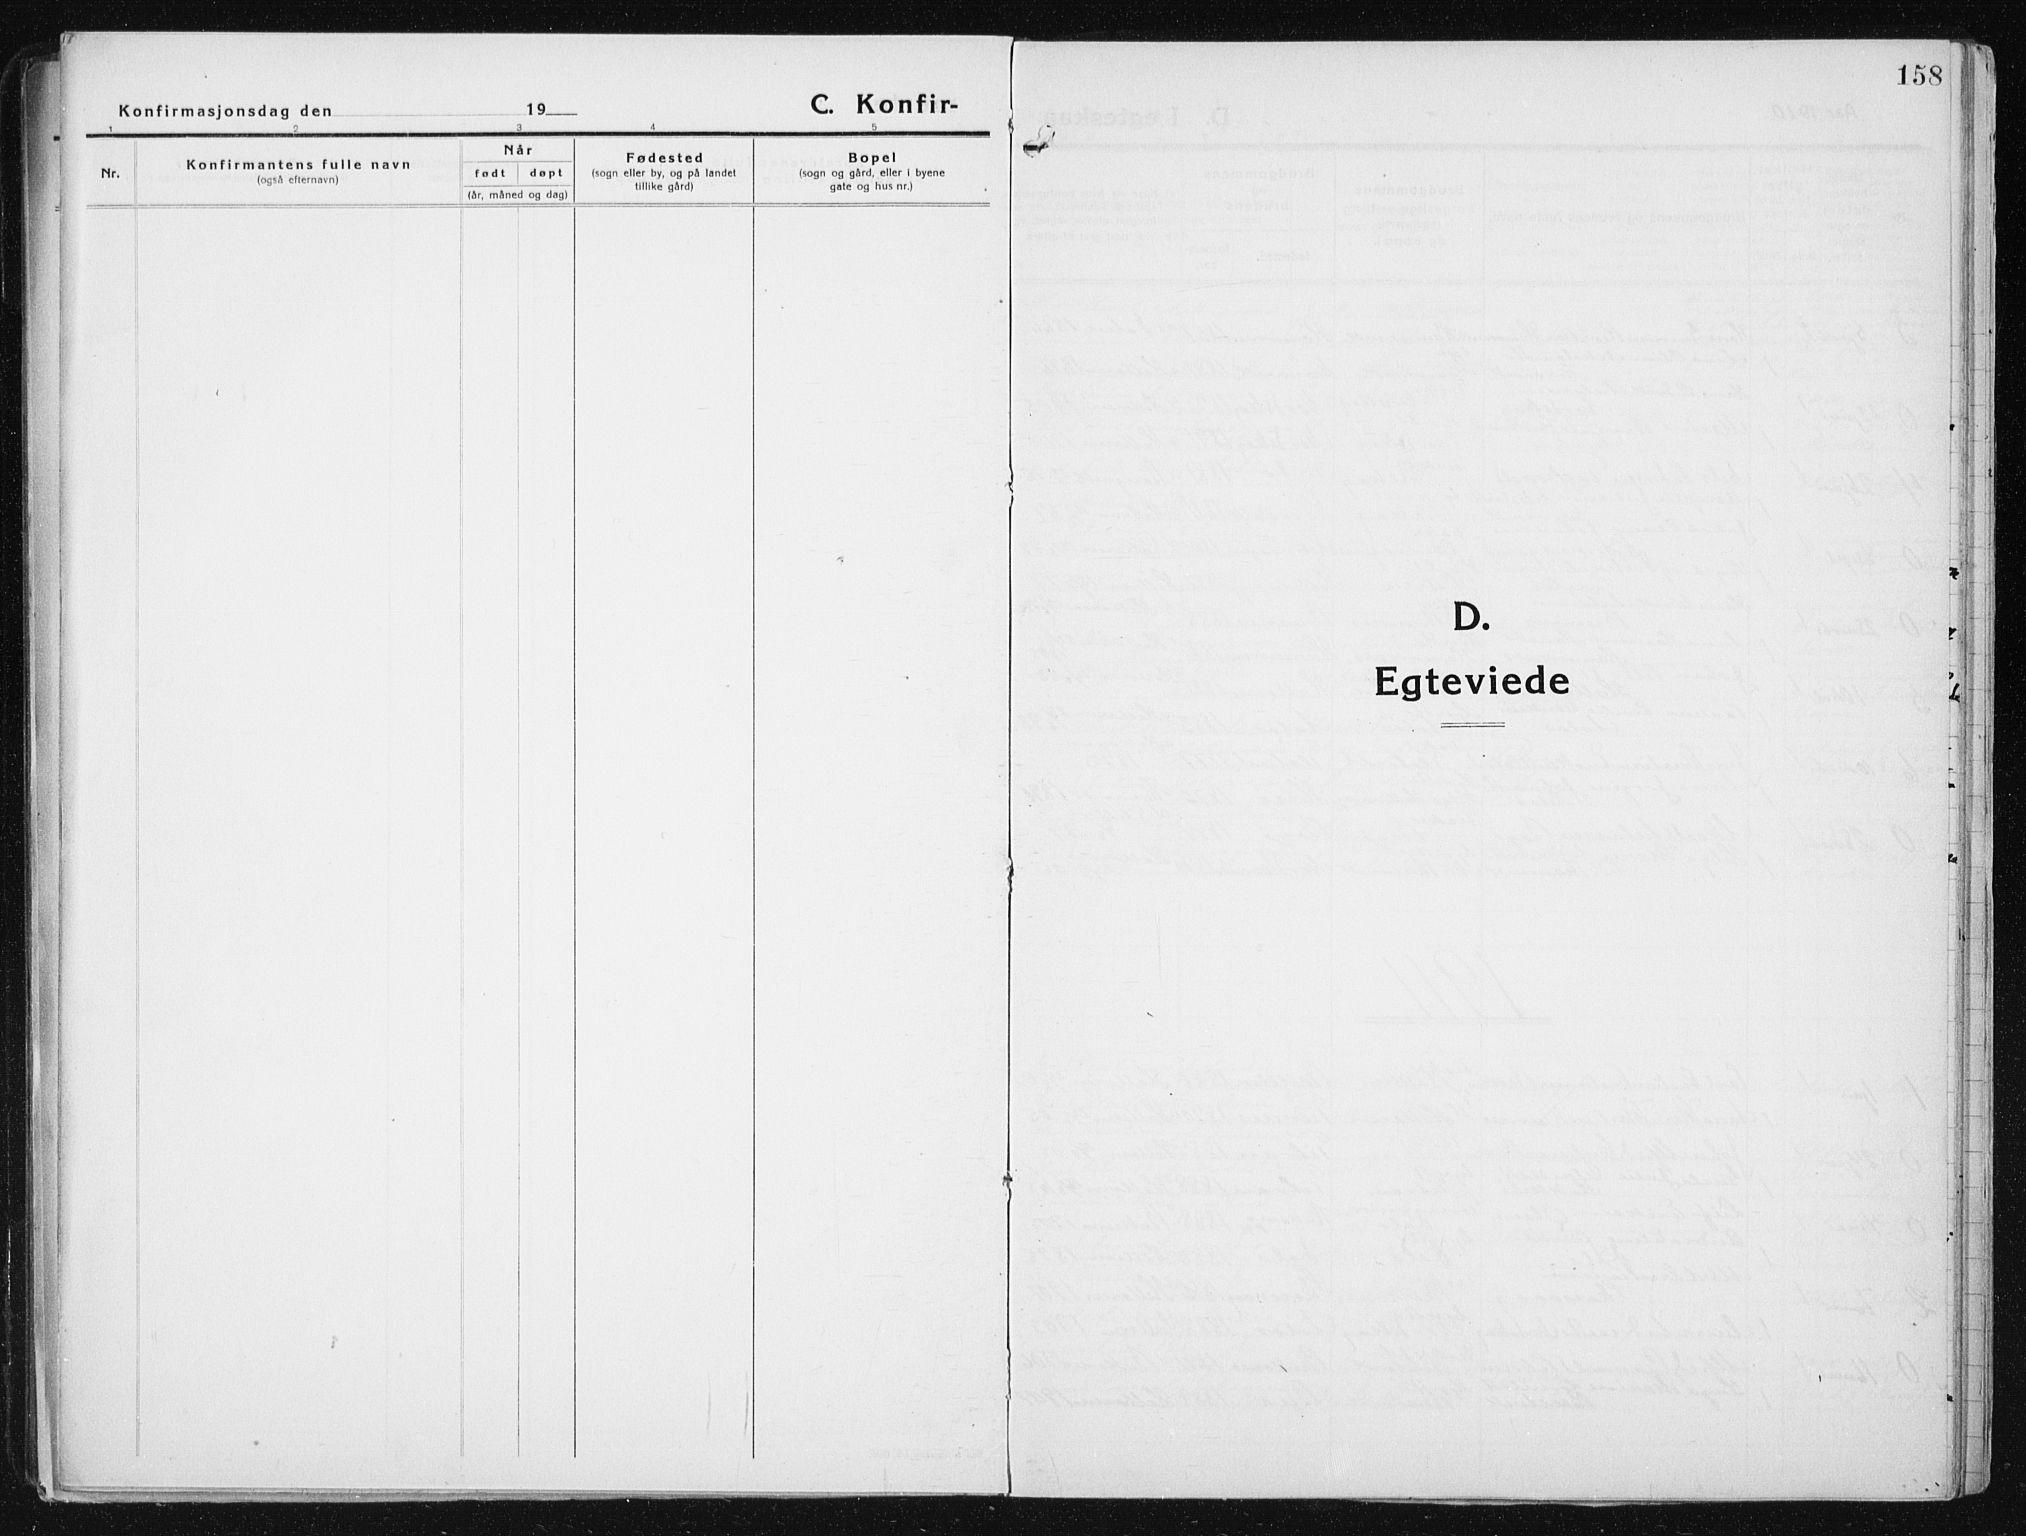 SAT, Ministerialprotokoller, klokkerbøker og fødselsregistre - Sør-Trøndelag, 641/L0599: Klokkerbok nr. 641C03, 1910-1938, s. 158